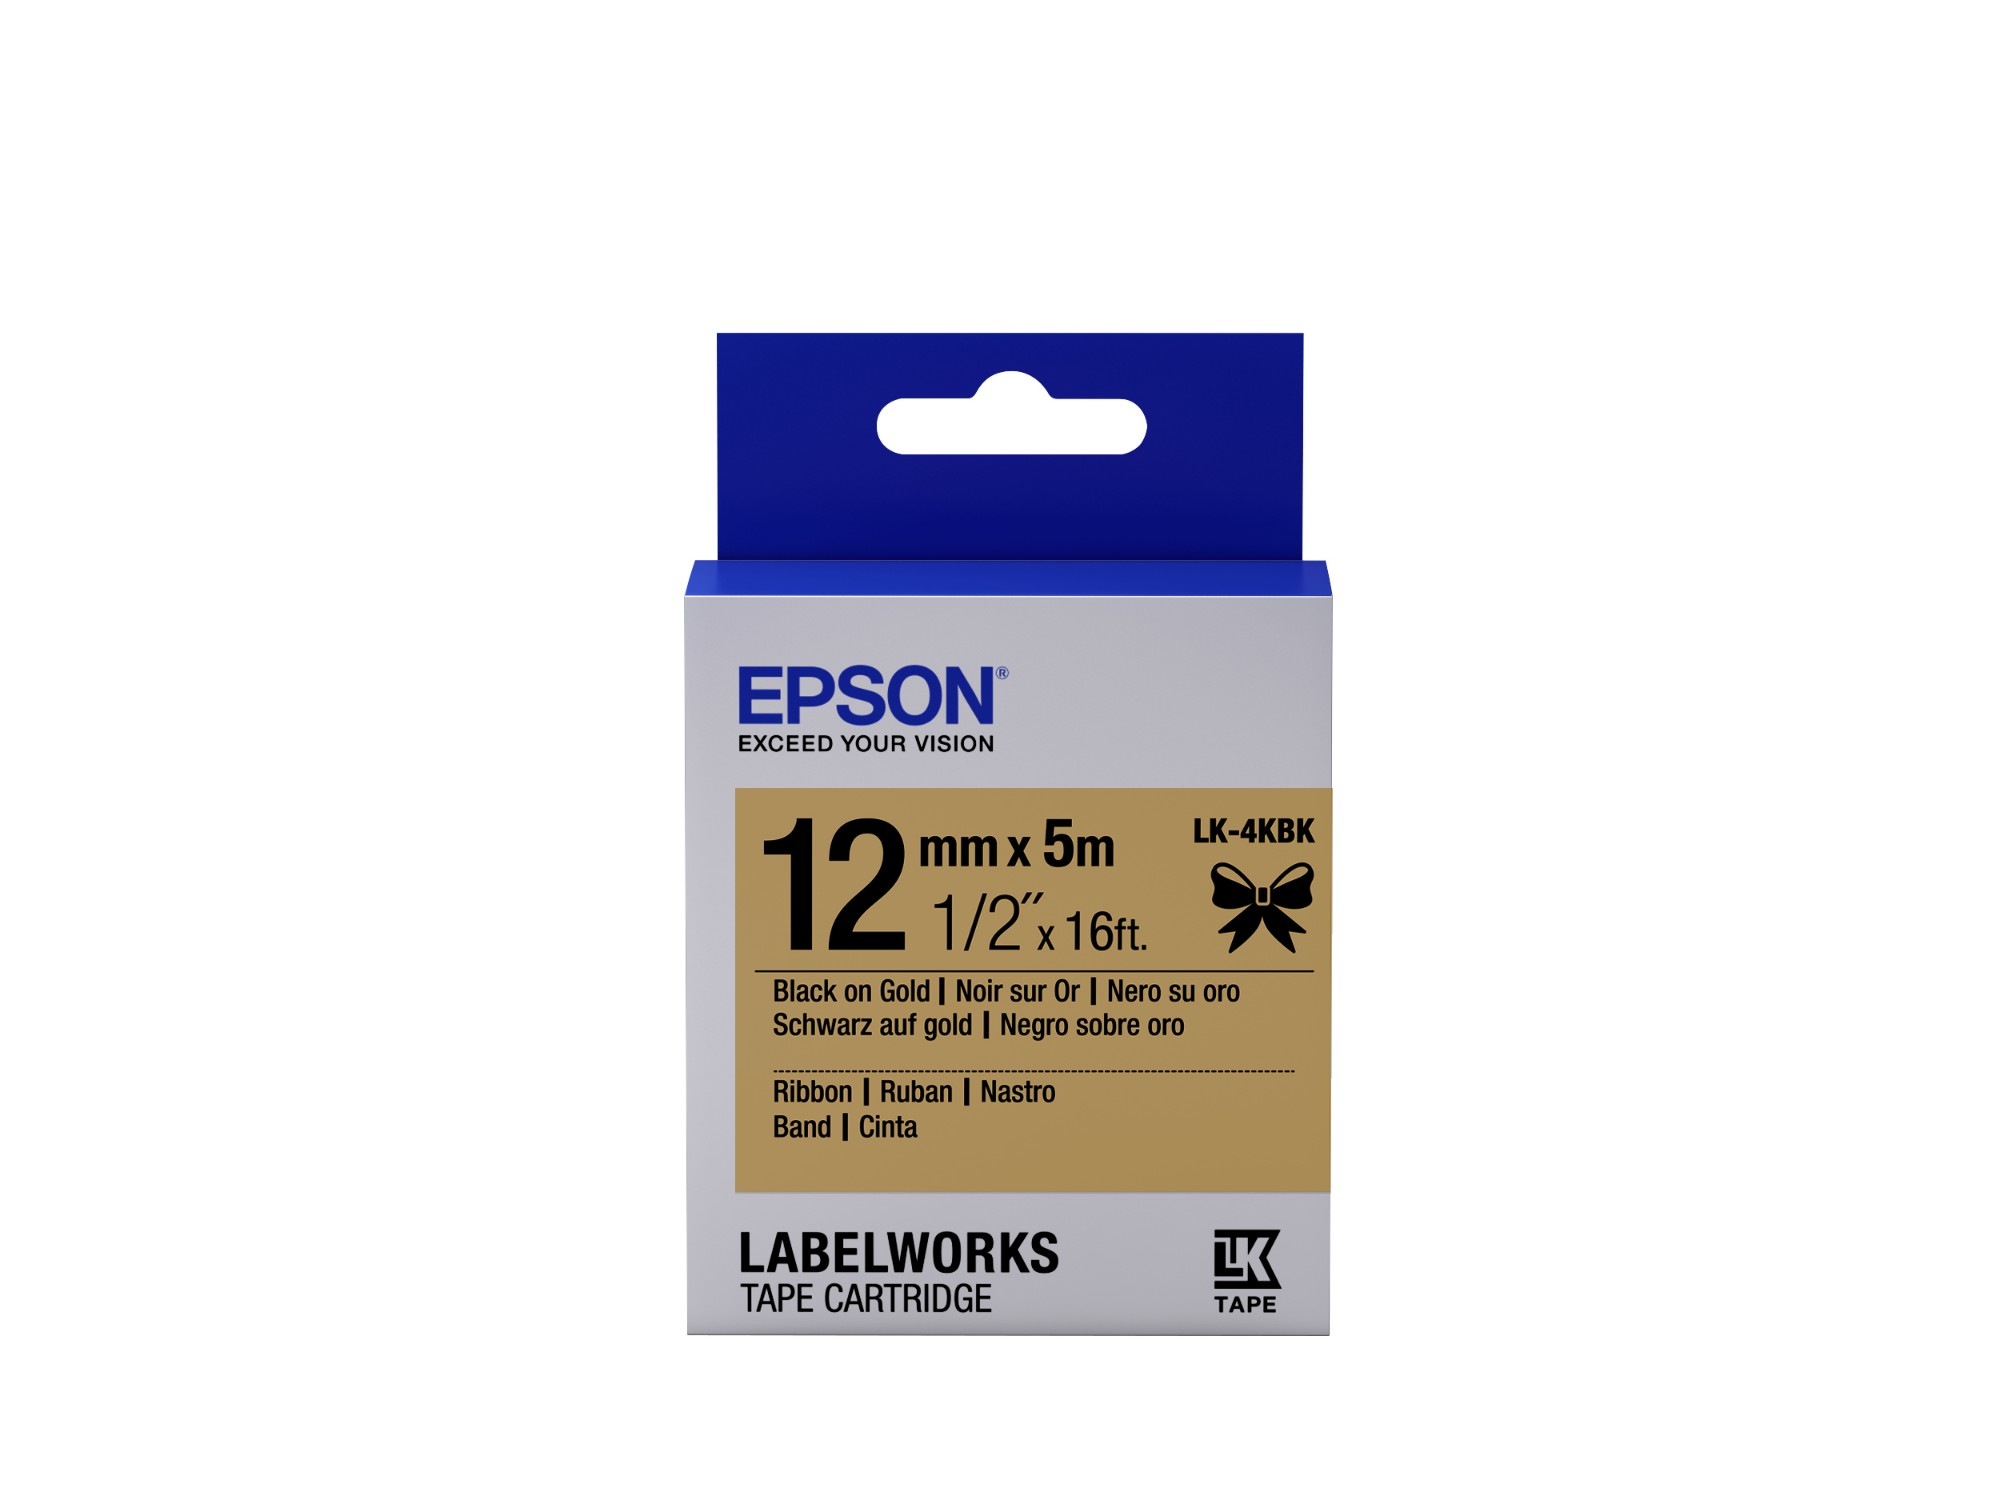 Epson Cartucho de etiquetas de cinta satinada LK-4KBK negro/oro de 12 mm (5 m)